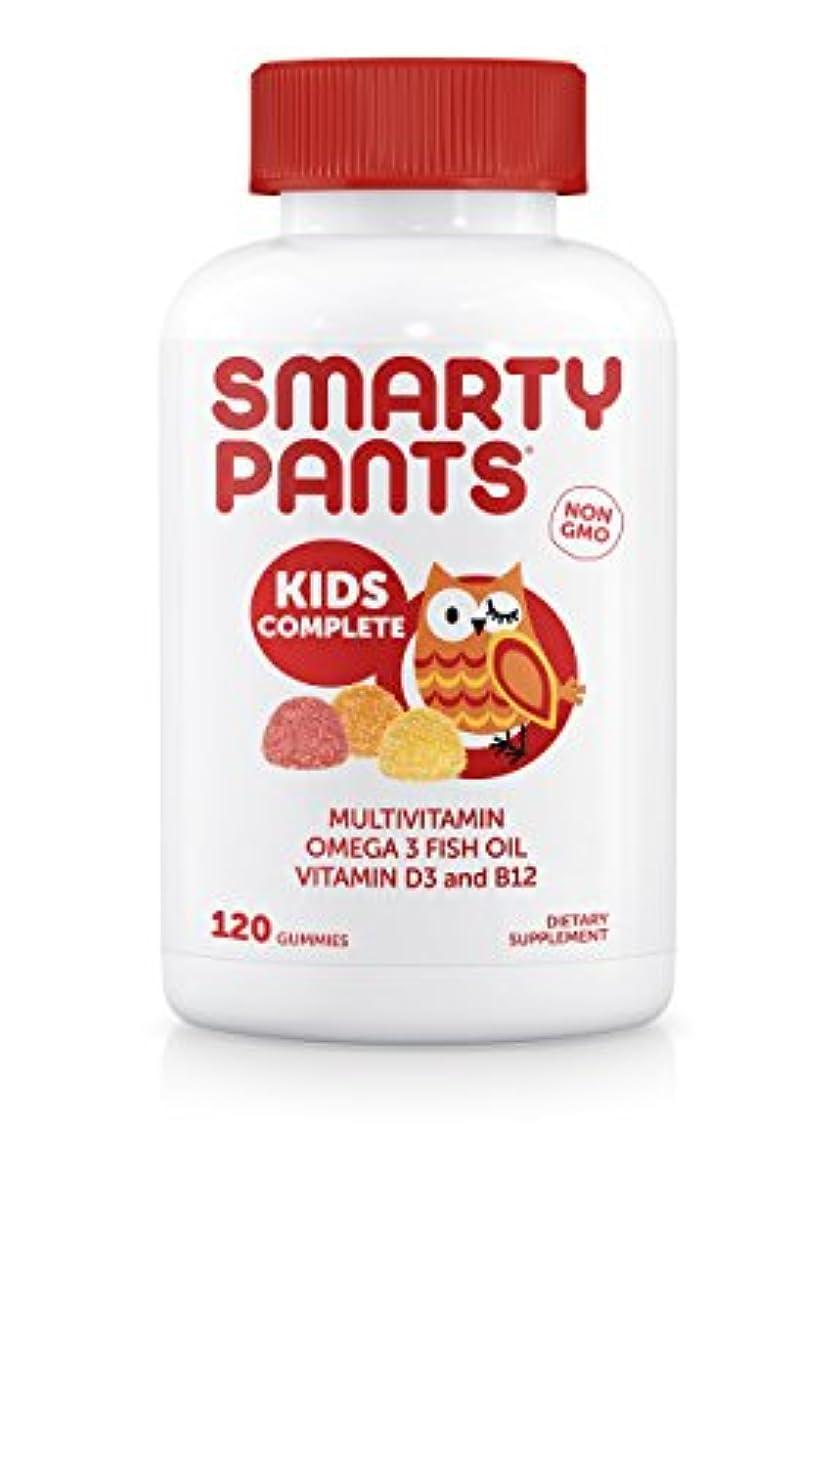 もし神判定SmartyPants Gummy Vitamins SmartyPants子供完全グミビタミン:マルチビタミン&オメガ3魚油(DHA/EPA脂肪酸)、ビタミンD3、メチルB12、120 COUNT、30日間SUPPLY